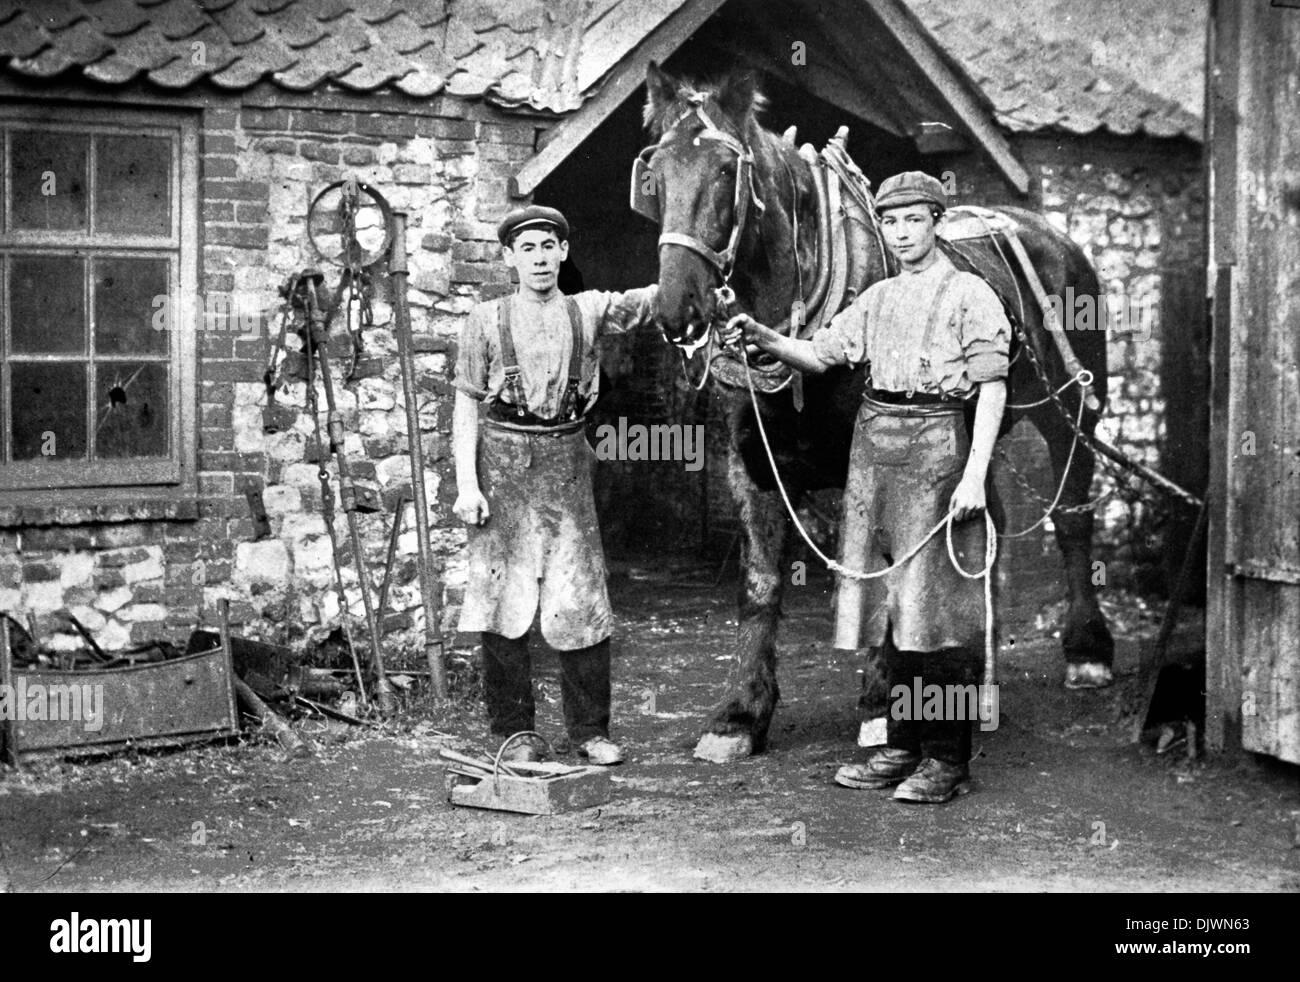 Fabbro del negozio circa 1910, Thornham, Norfolk, Antica fucina, forgia, cavallo, fabbro, pre 1a Guerra Mondiale, Edwardian England, fucine, ferratura di cavalli, Inghilterra UK, archivio negozi di archiviazione Immagini Stock